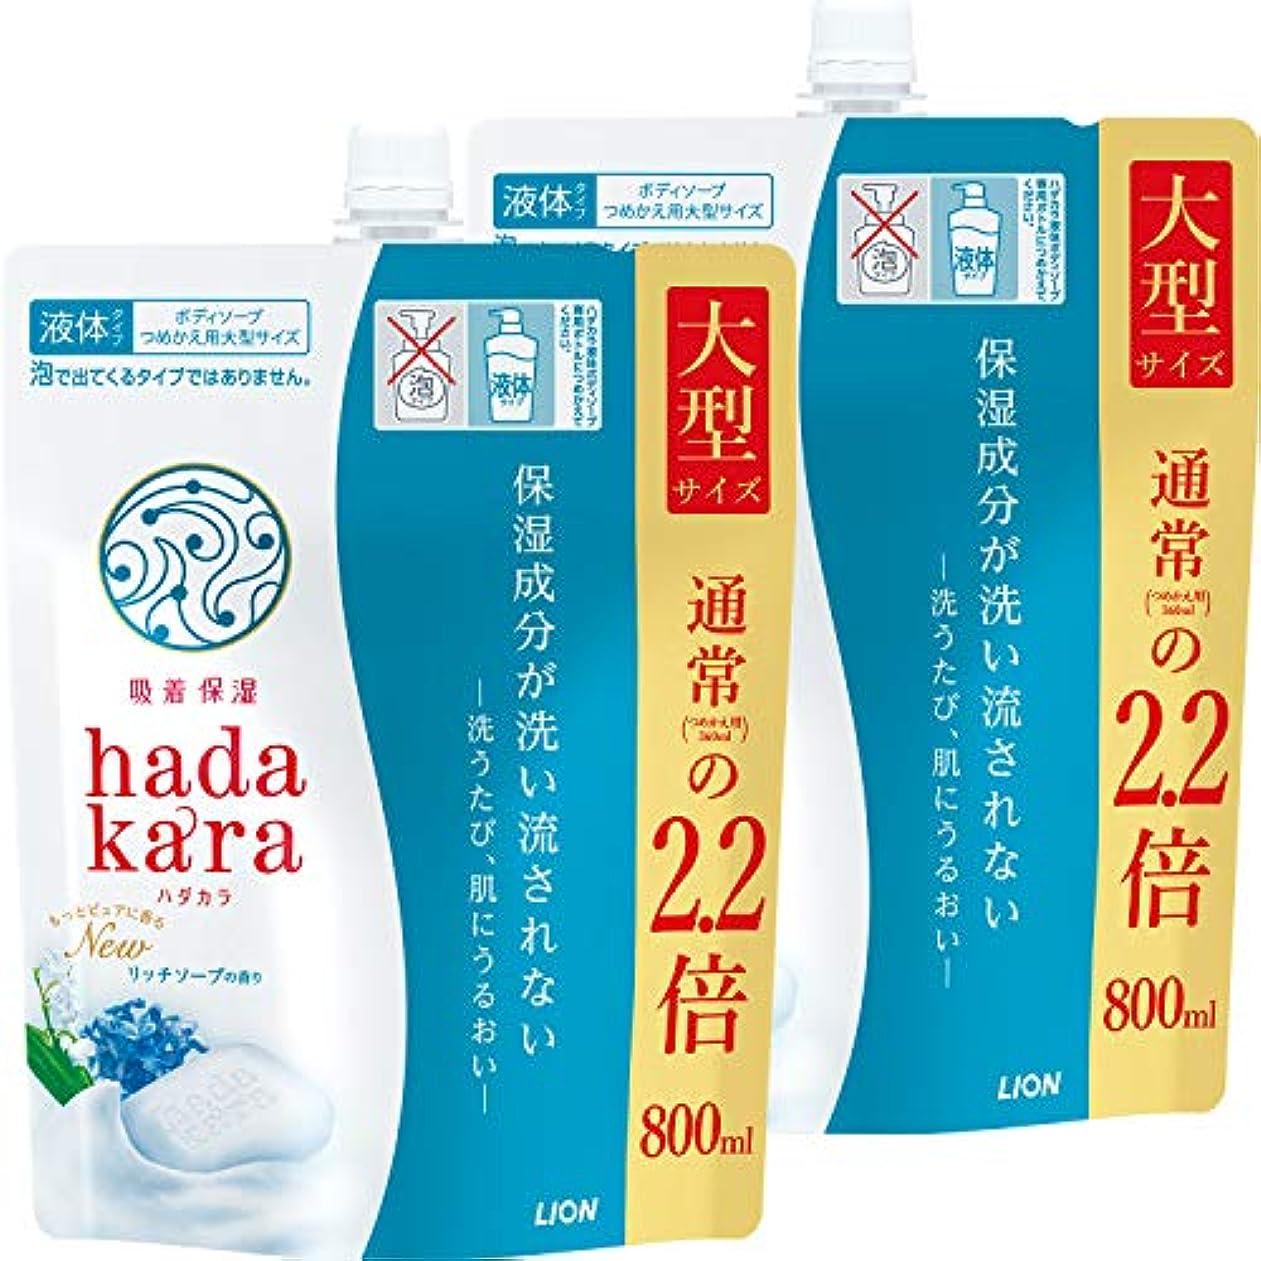 テレビ局まさに石油hadakara(ハダカラ) ボディソープ リッチソープの香り つめかえ用大型サイズ 800ml×2個